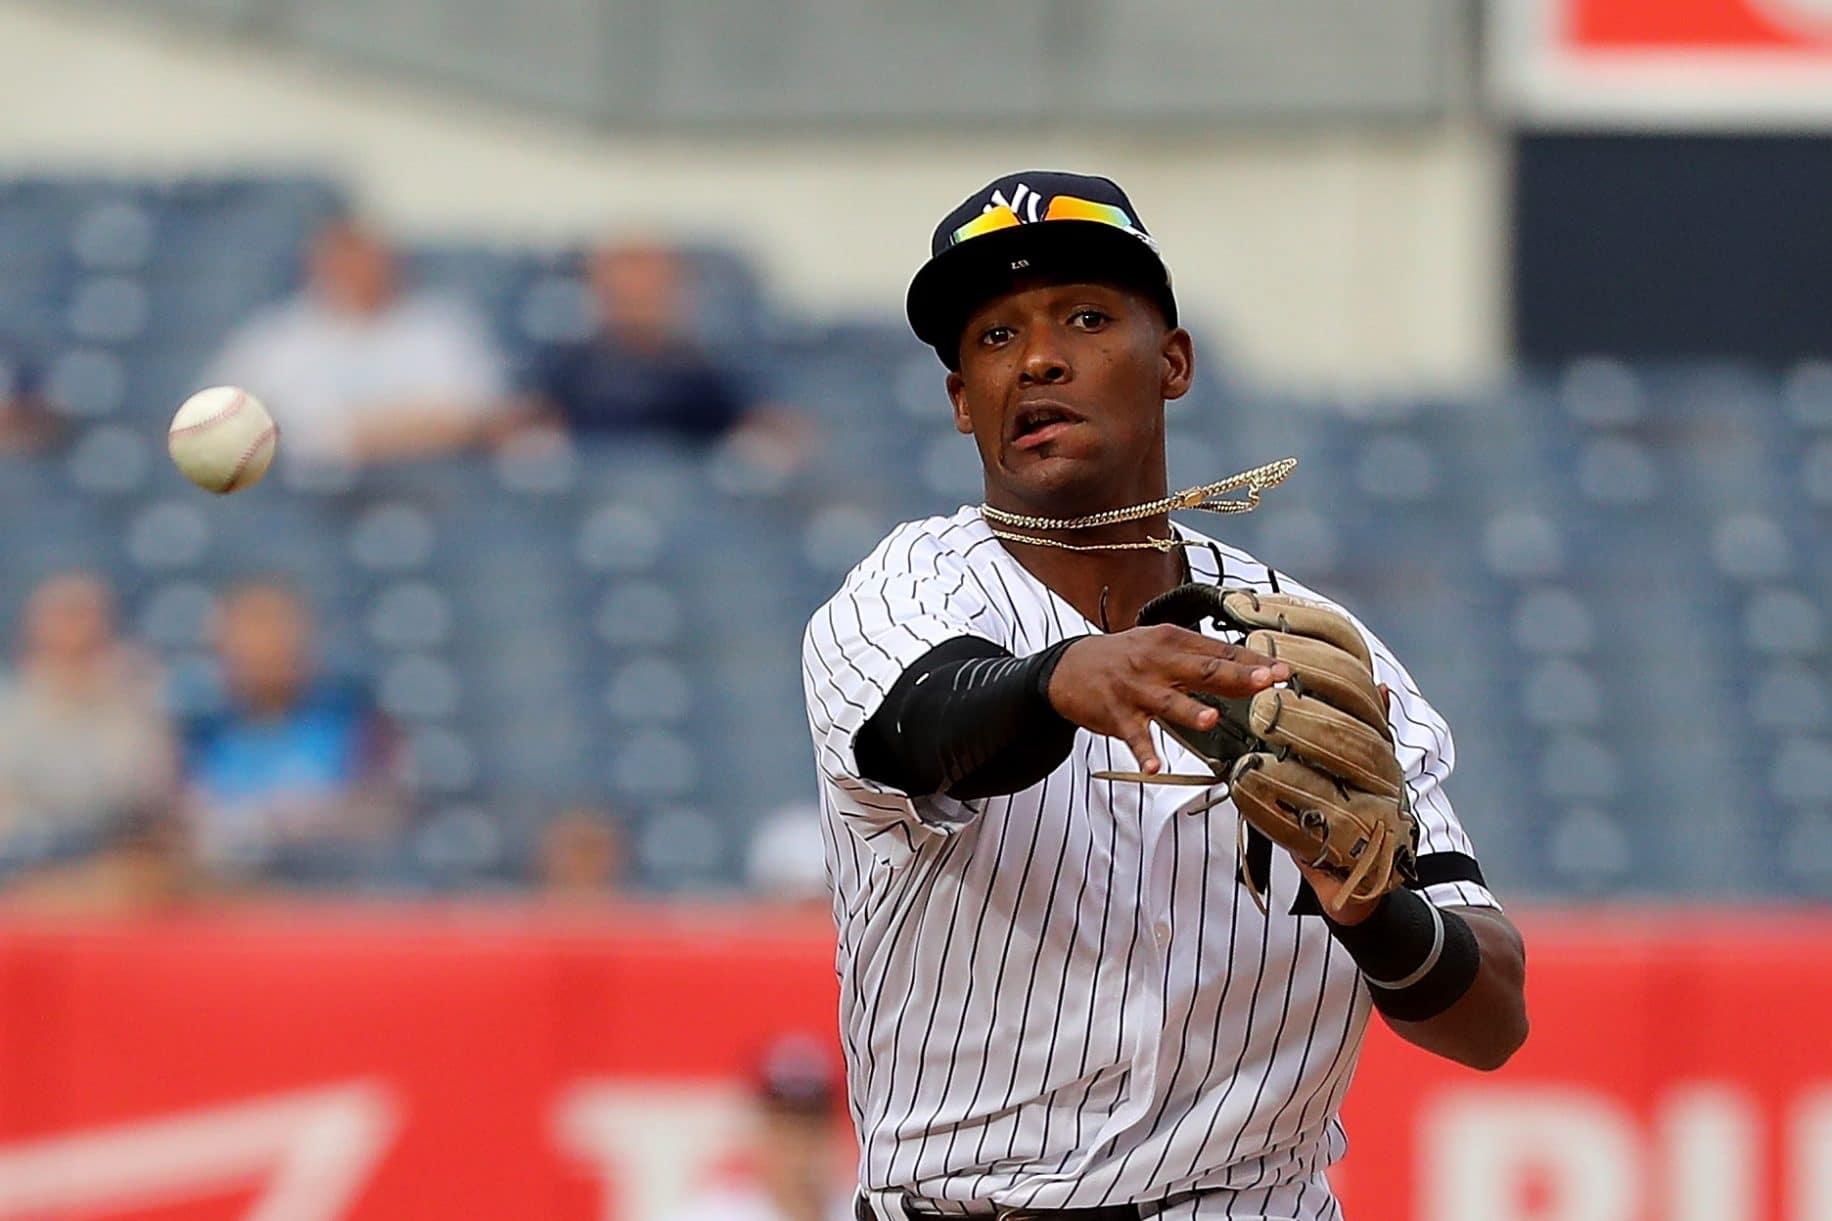 Migeul Andujar, New York Yankees